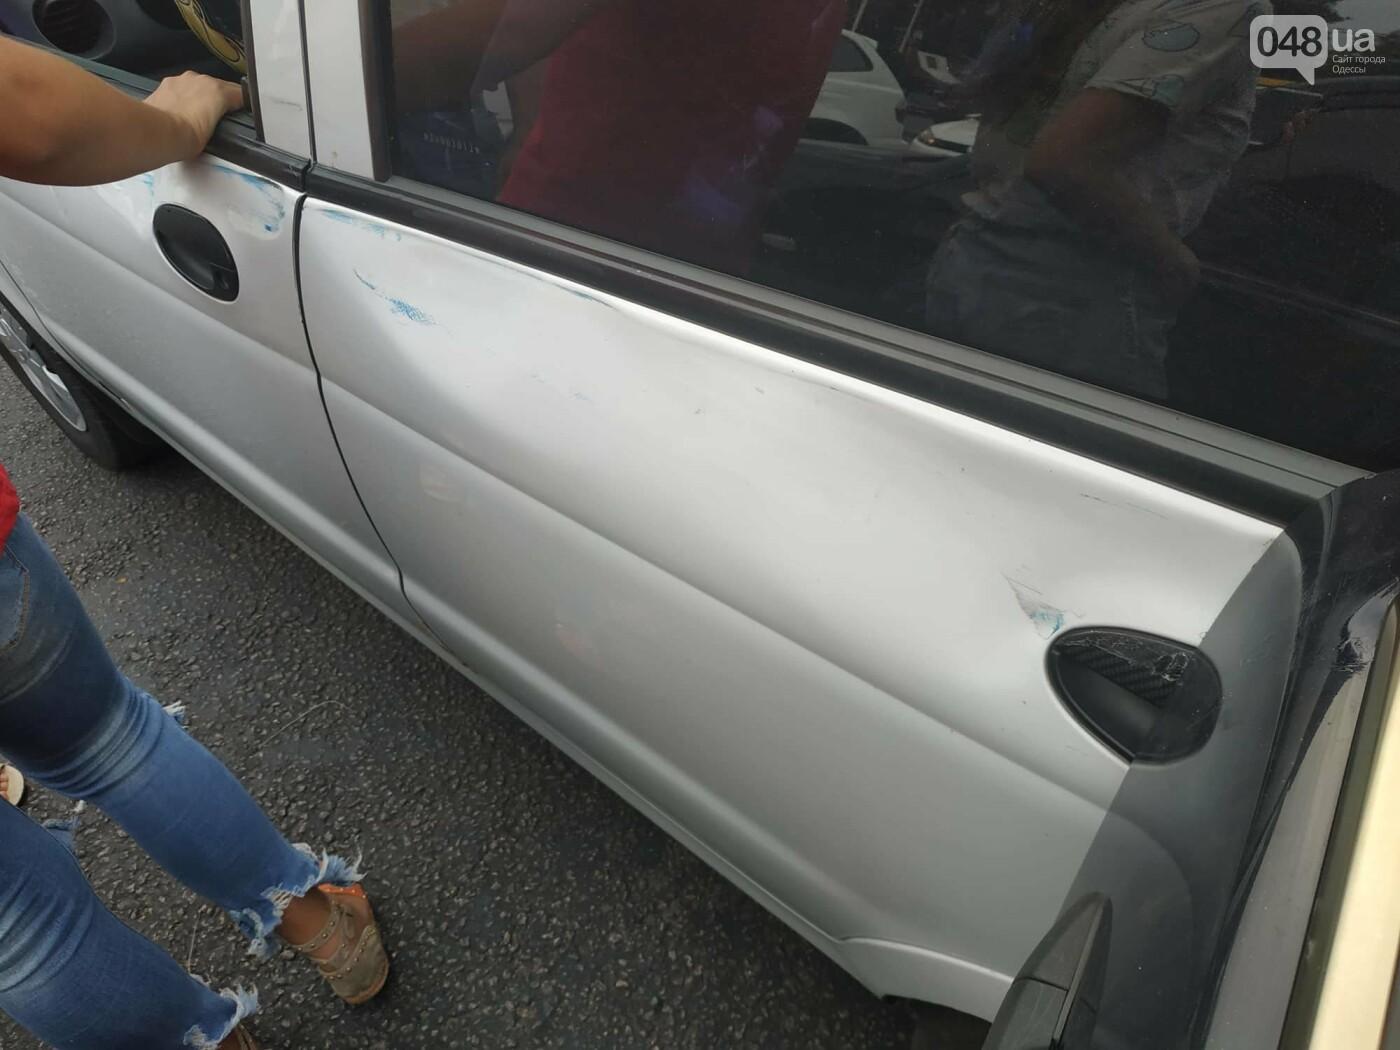 """Пассажир, """"выпрыгнувший"""" посреди дороги в Одессе: стали известны подробности ДТП, - ФОТО, фото-13"""